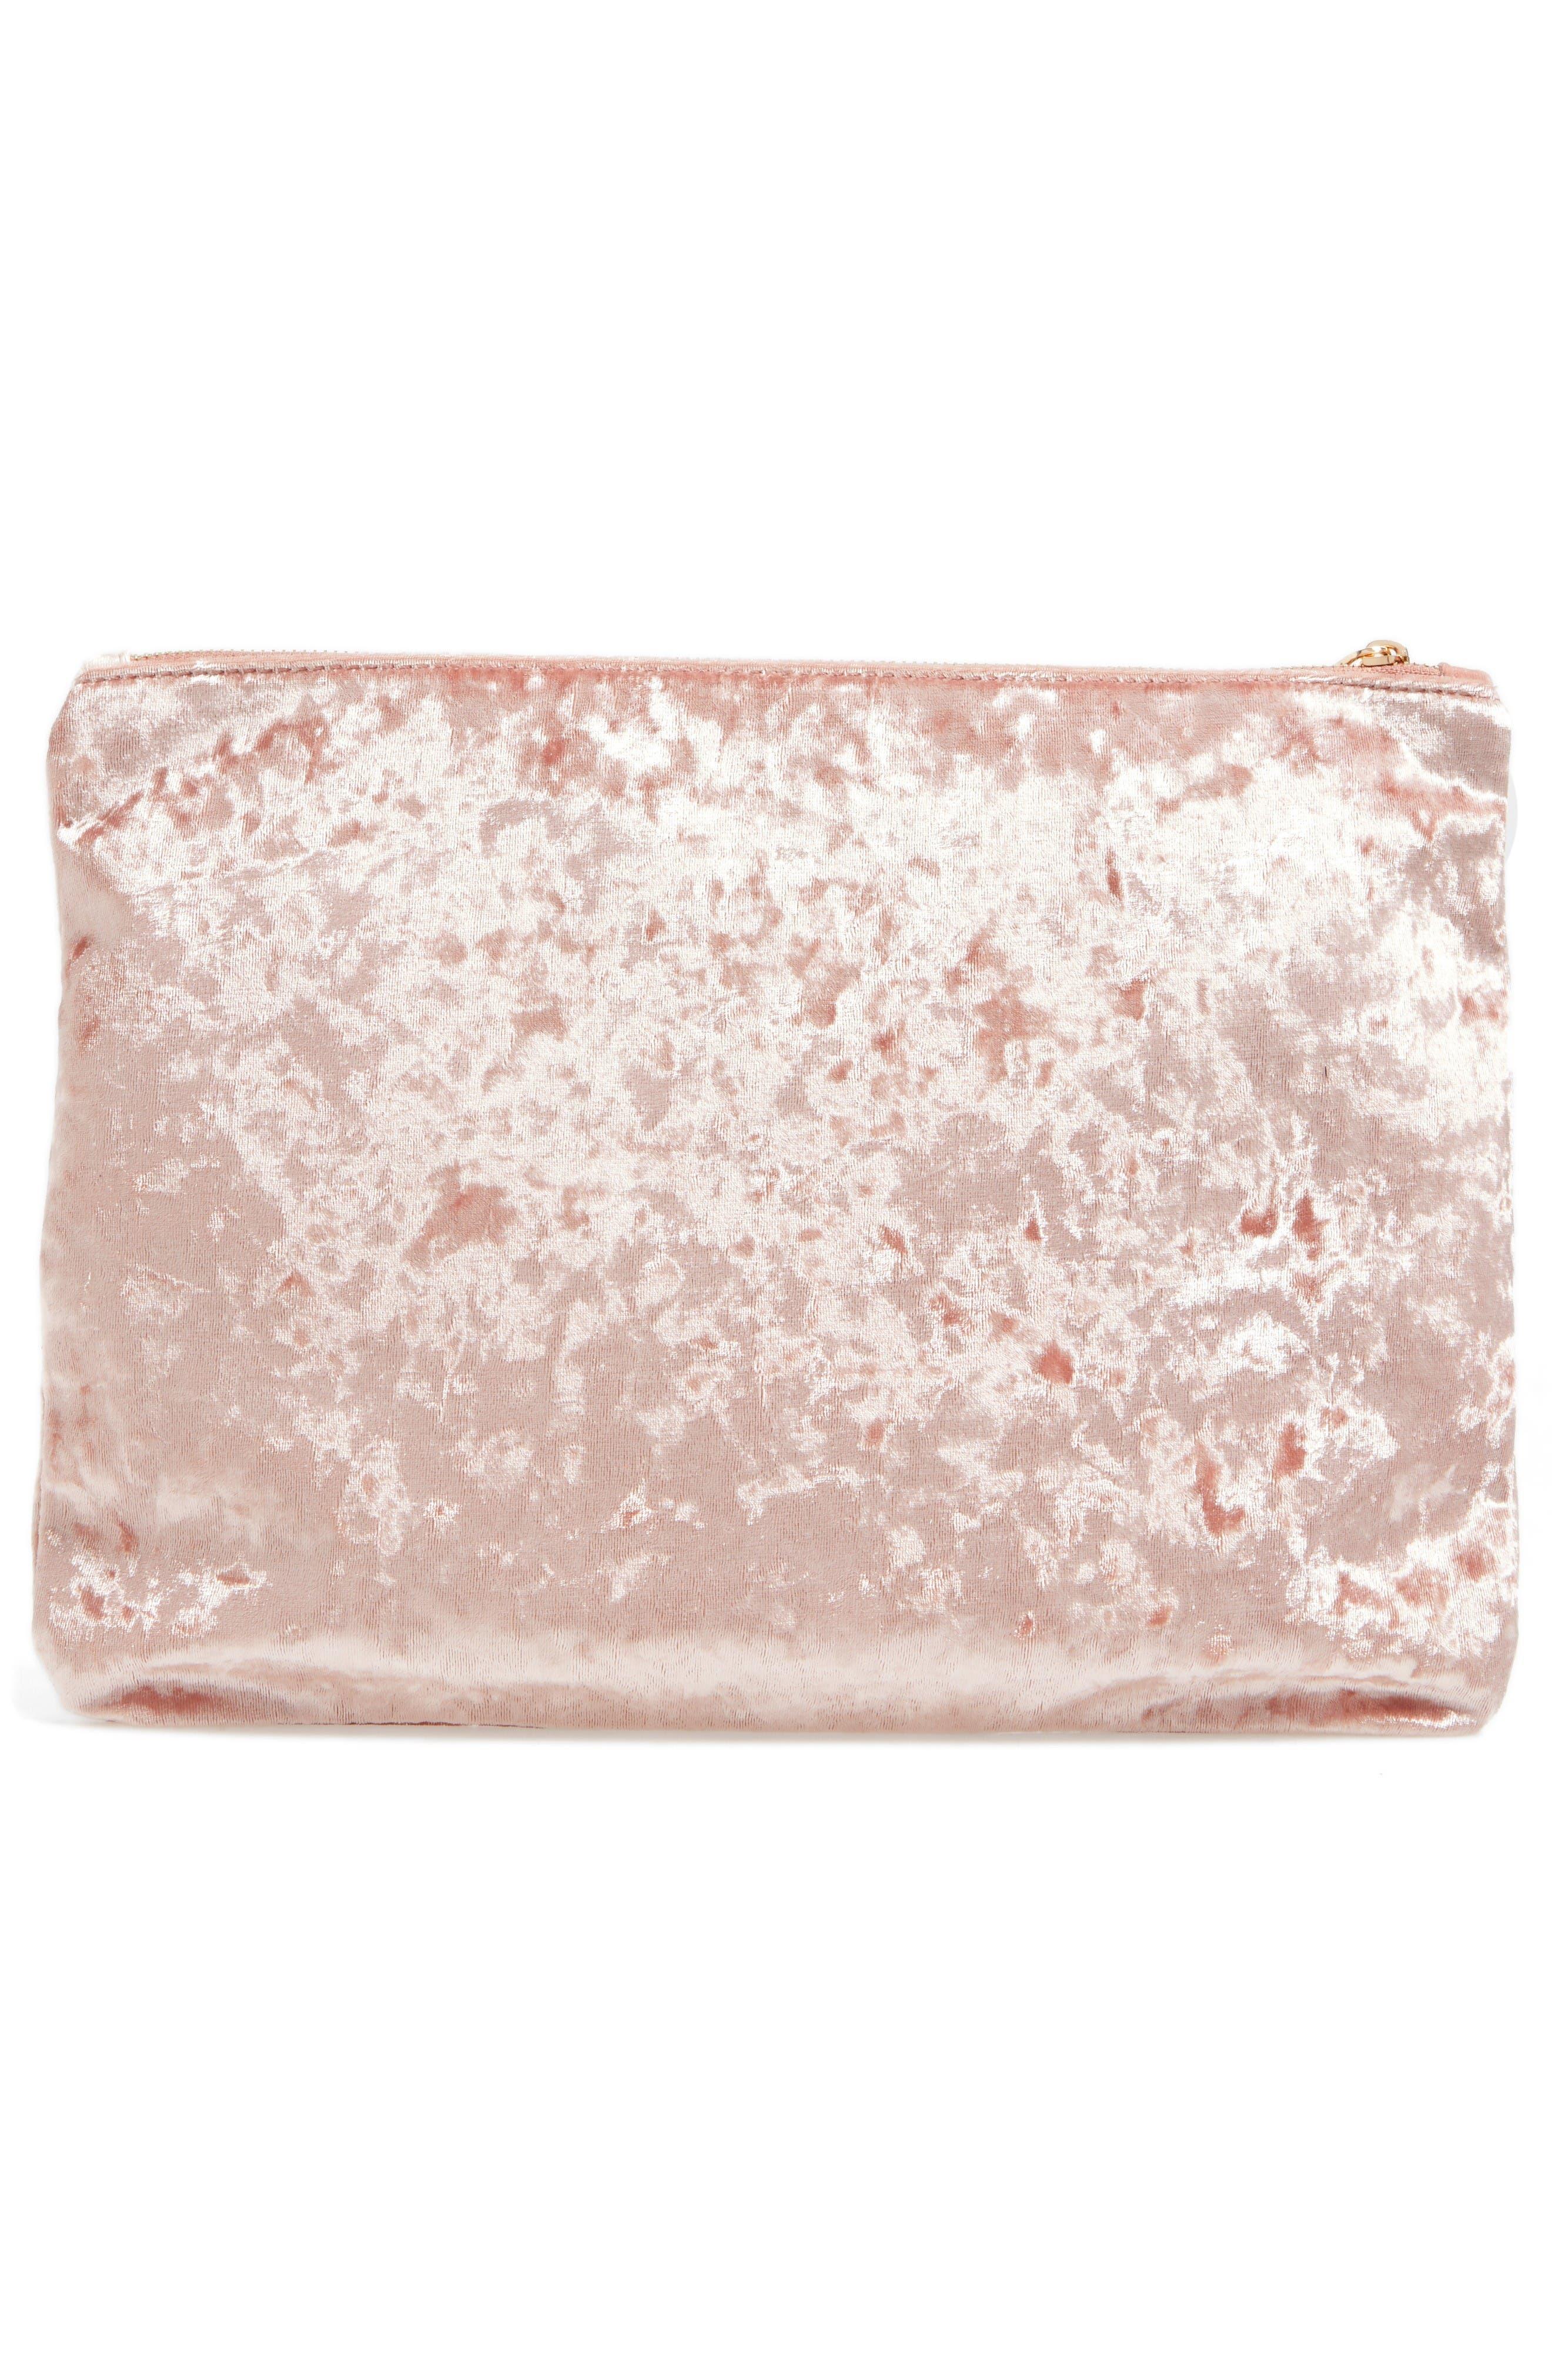 Alternate Image 3  - BP. Velvet Clutch